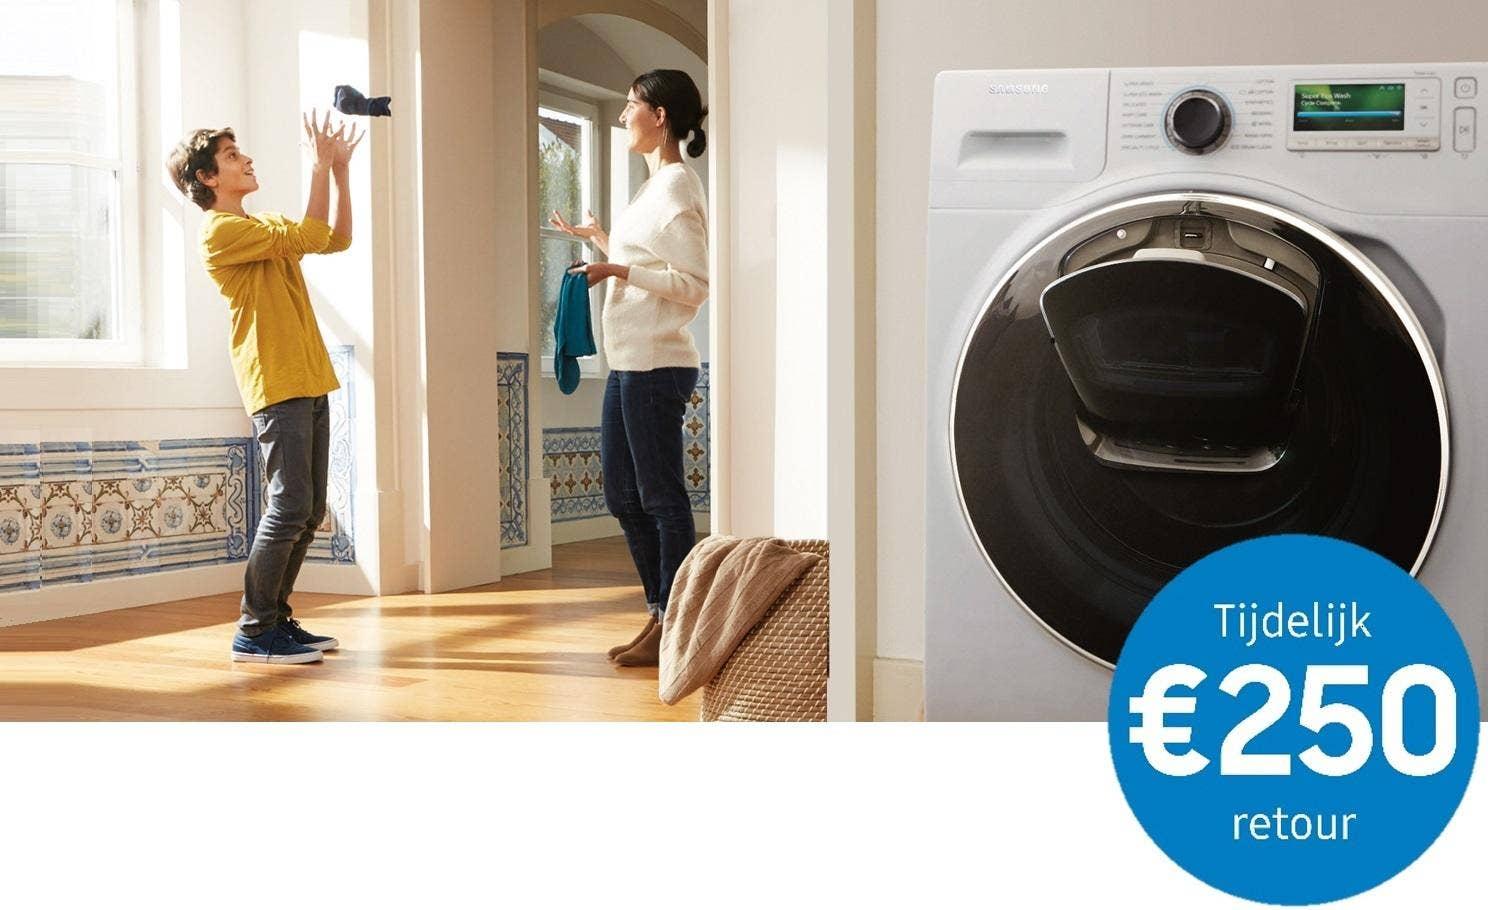 https://www.witgoedspecialist.nl/onze-merken/samsung/nu-bij-aankoop-van-een-samsung-addwash-wasmachine-tot-250-retour.html